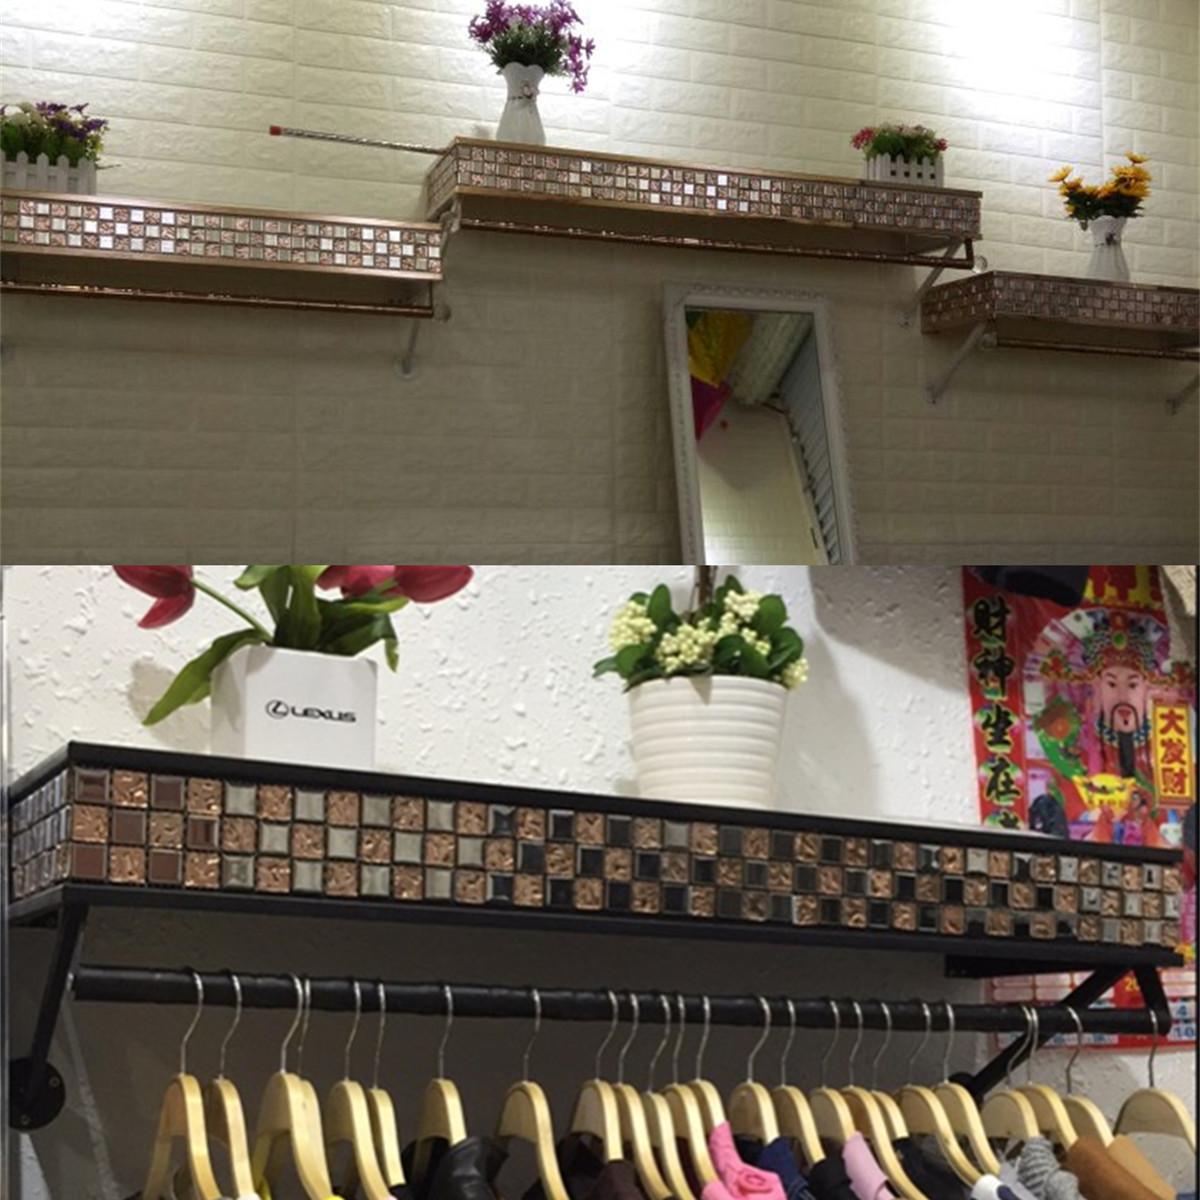 58.00元包邮高档服装货架展示架上墙正挂侧挂壁挂服装店男女装衣架展示架复古